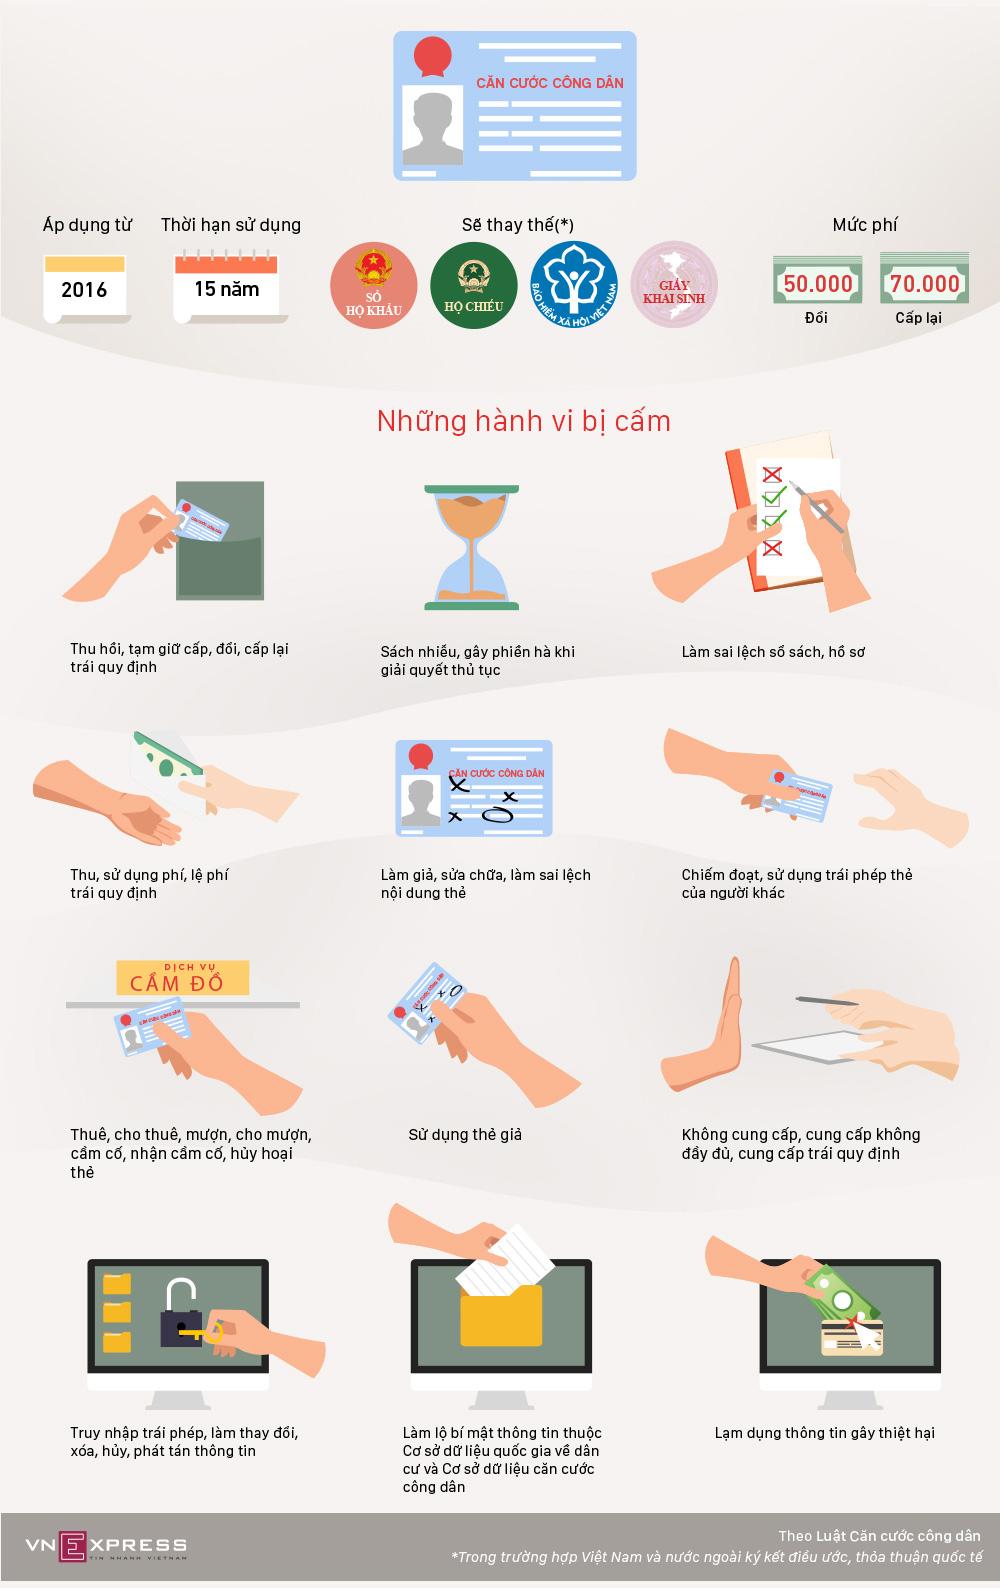 Những điều cấm, sử dụng thẻ căn cước, cho thuê, cho mượn, cầm cố